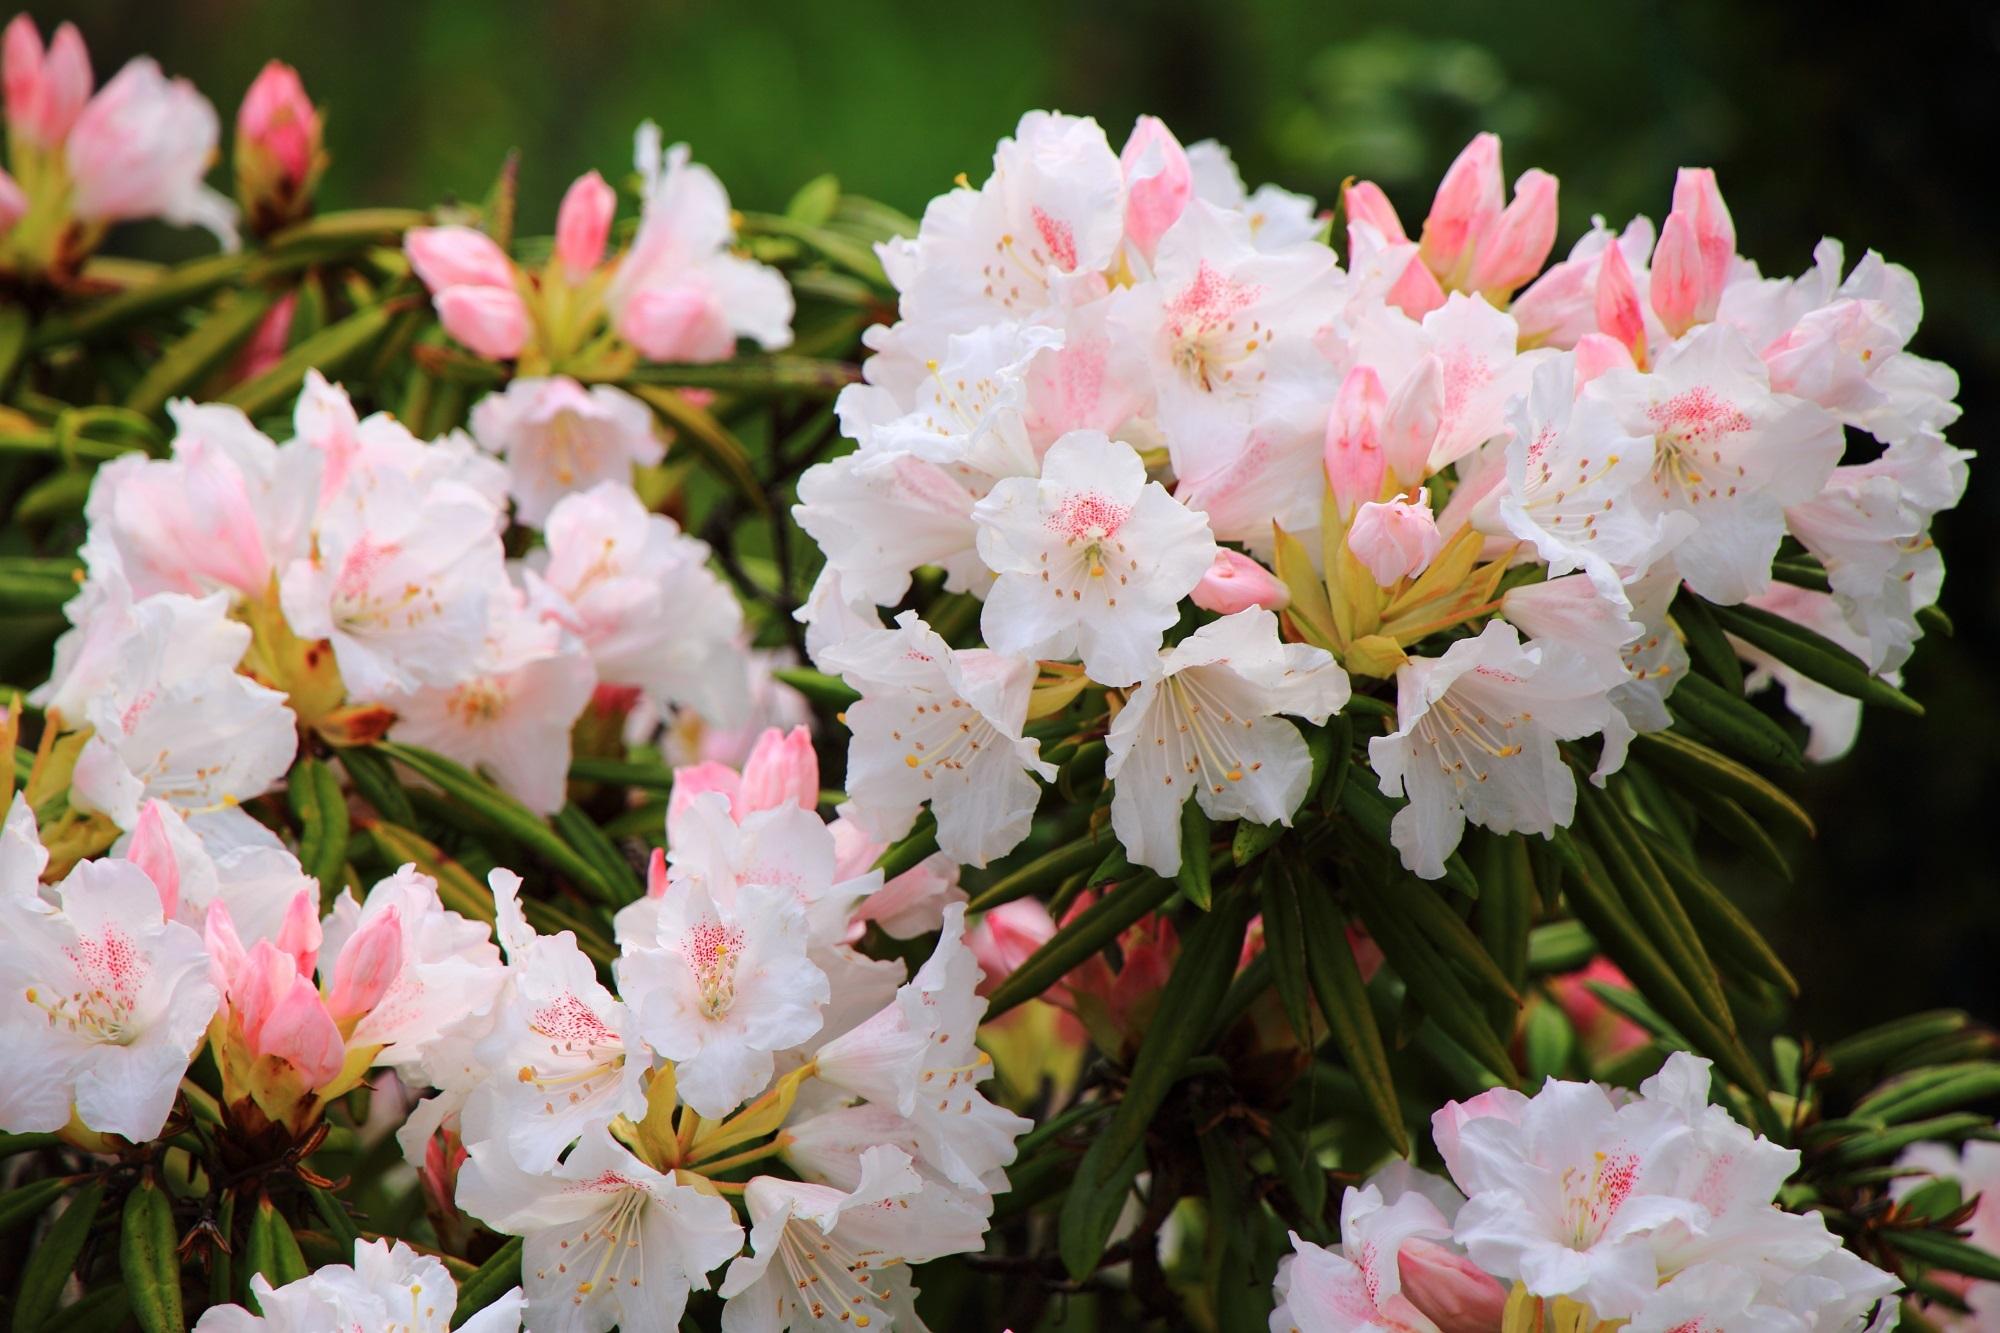 山門近くに咲く白とピンクの淡い色合いの石楠花